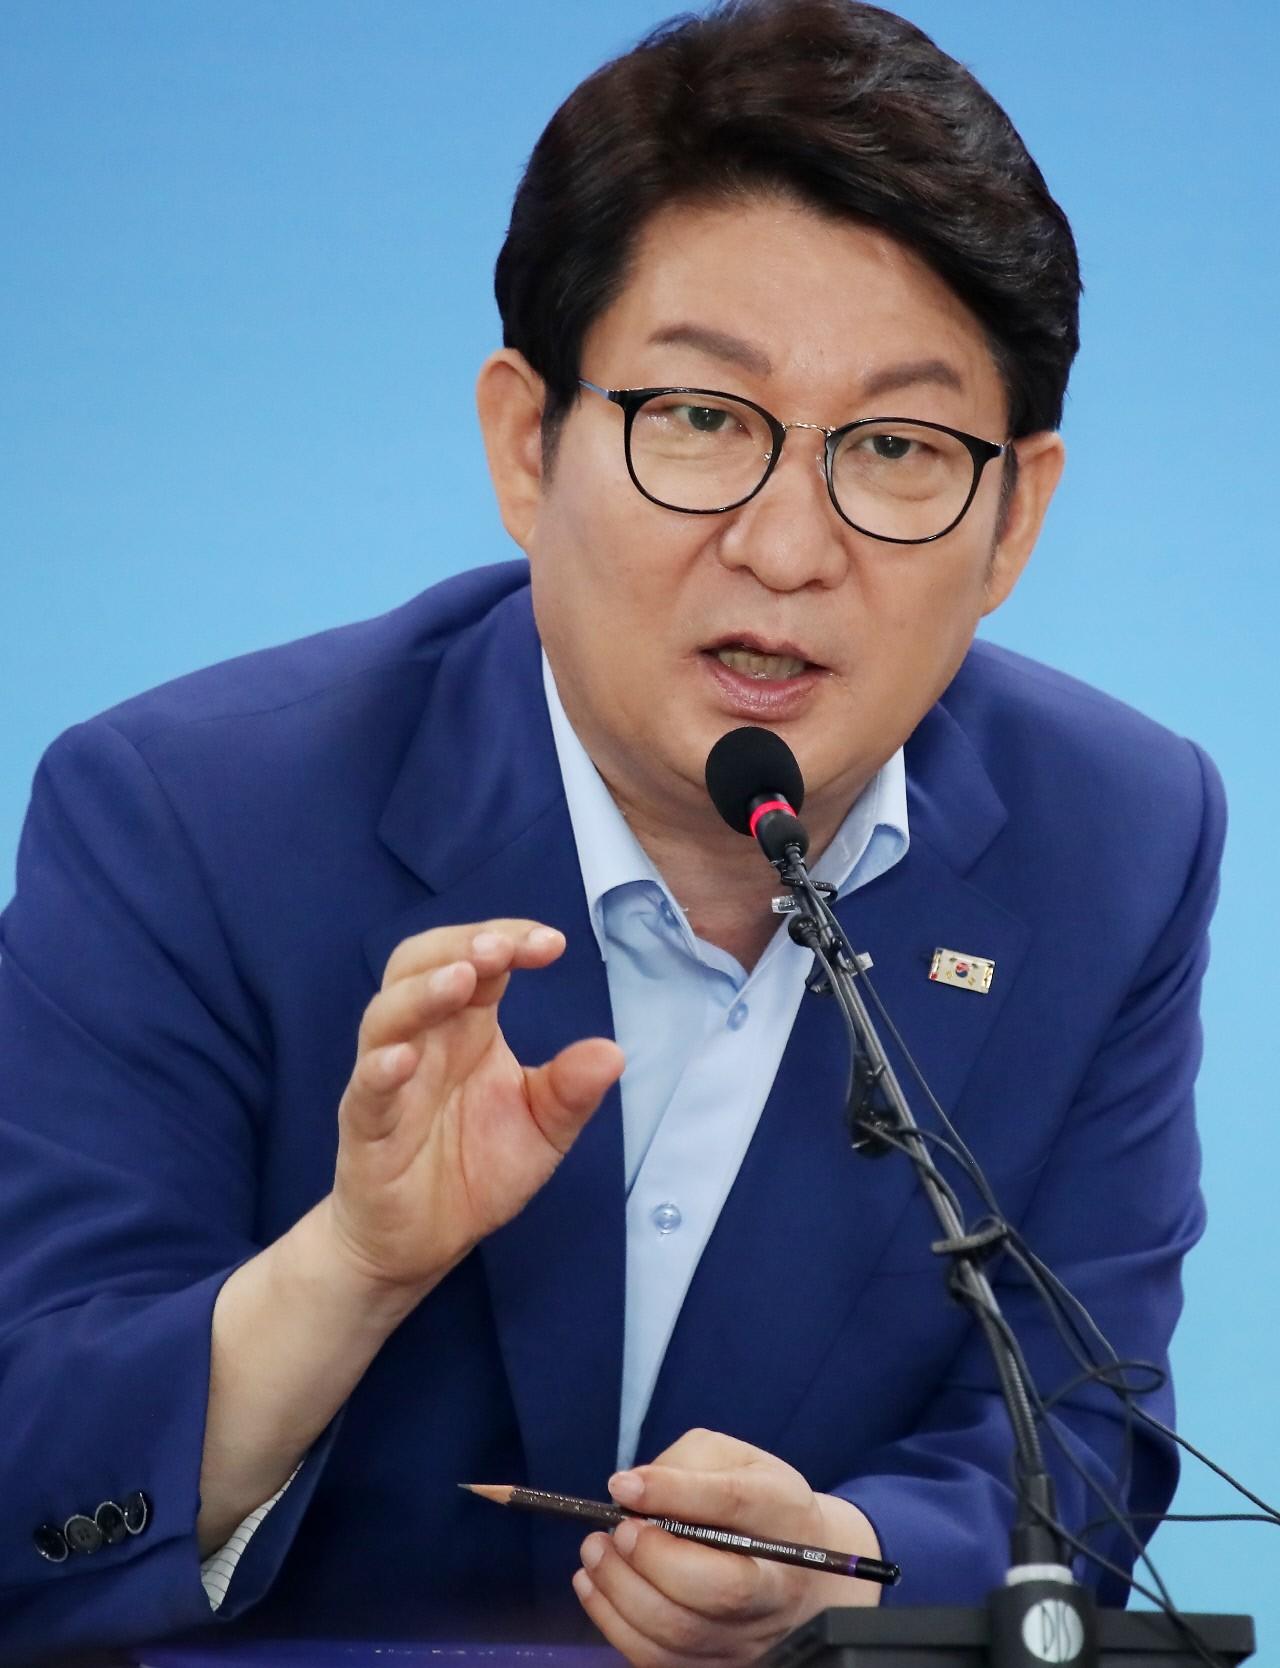 '선거법 위반' 권영진 대구시장 항소심도 벌금 90만원